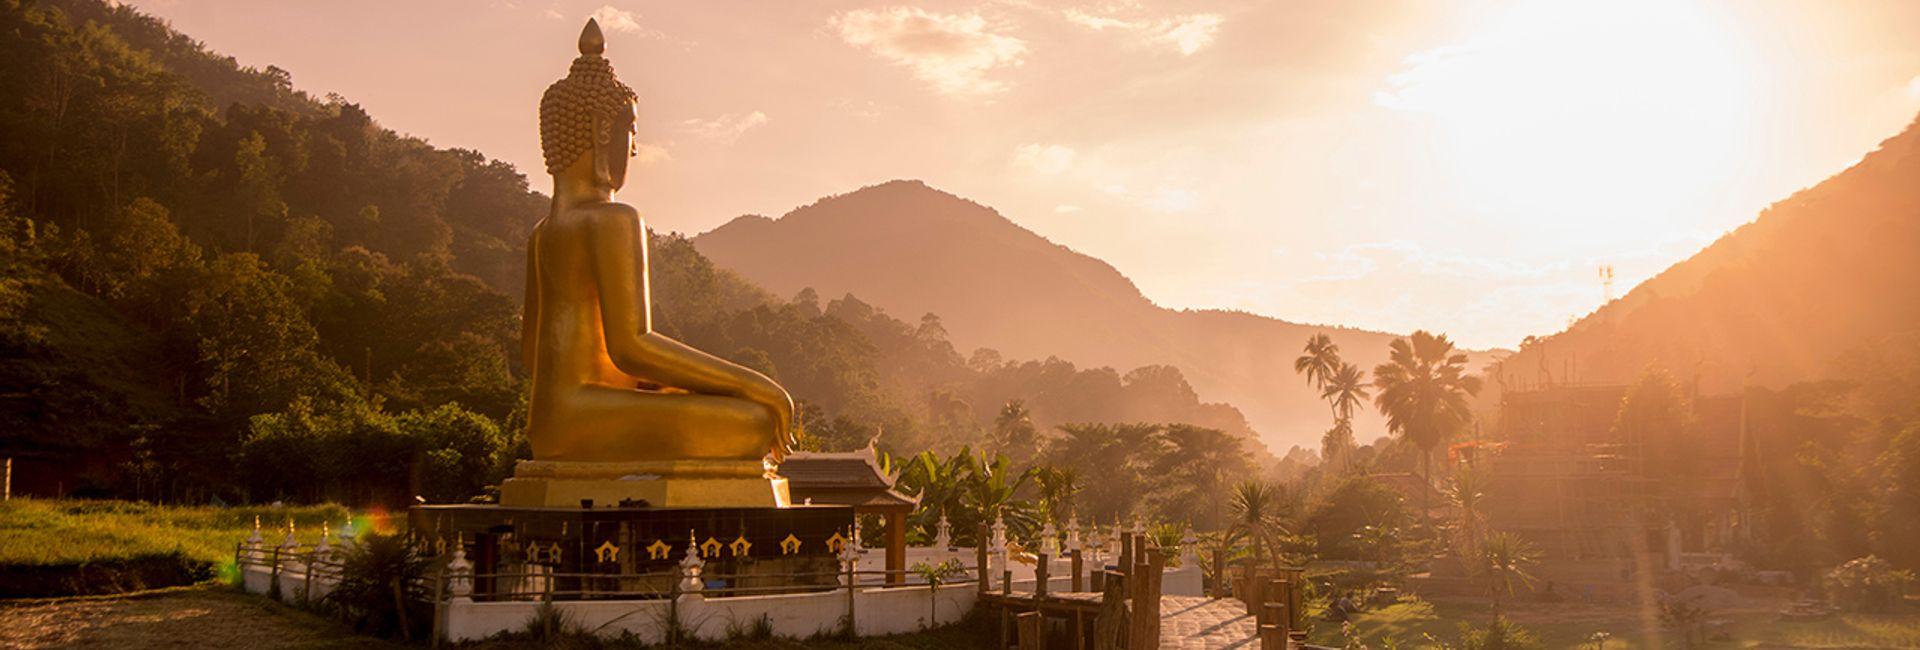 Top 10 trải nghiệm thú vị khi đến Phrae, Thái Lan